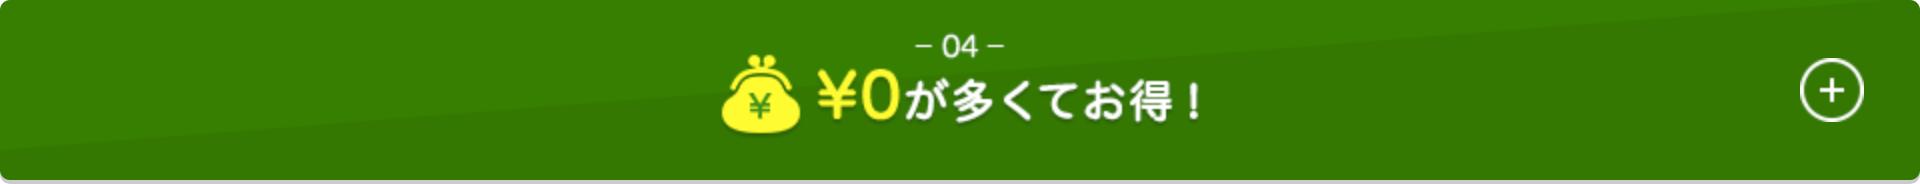 4merit04.png